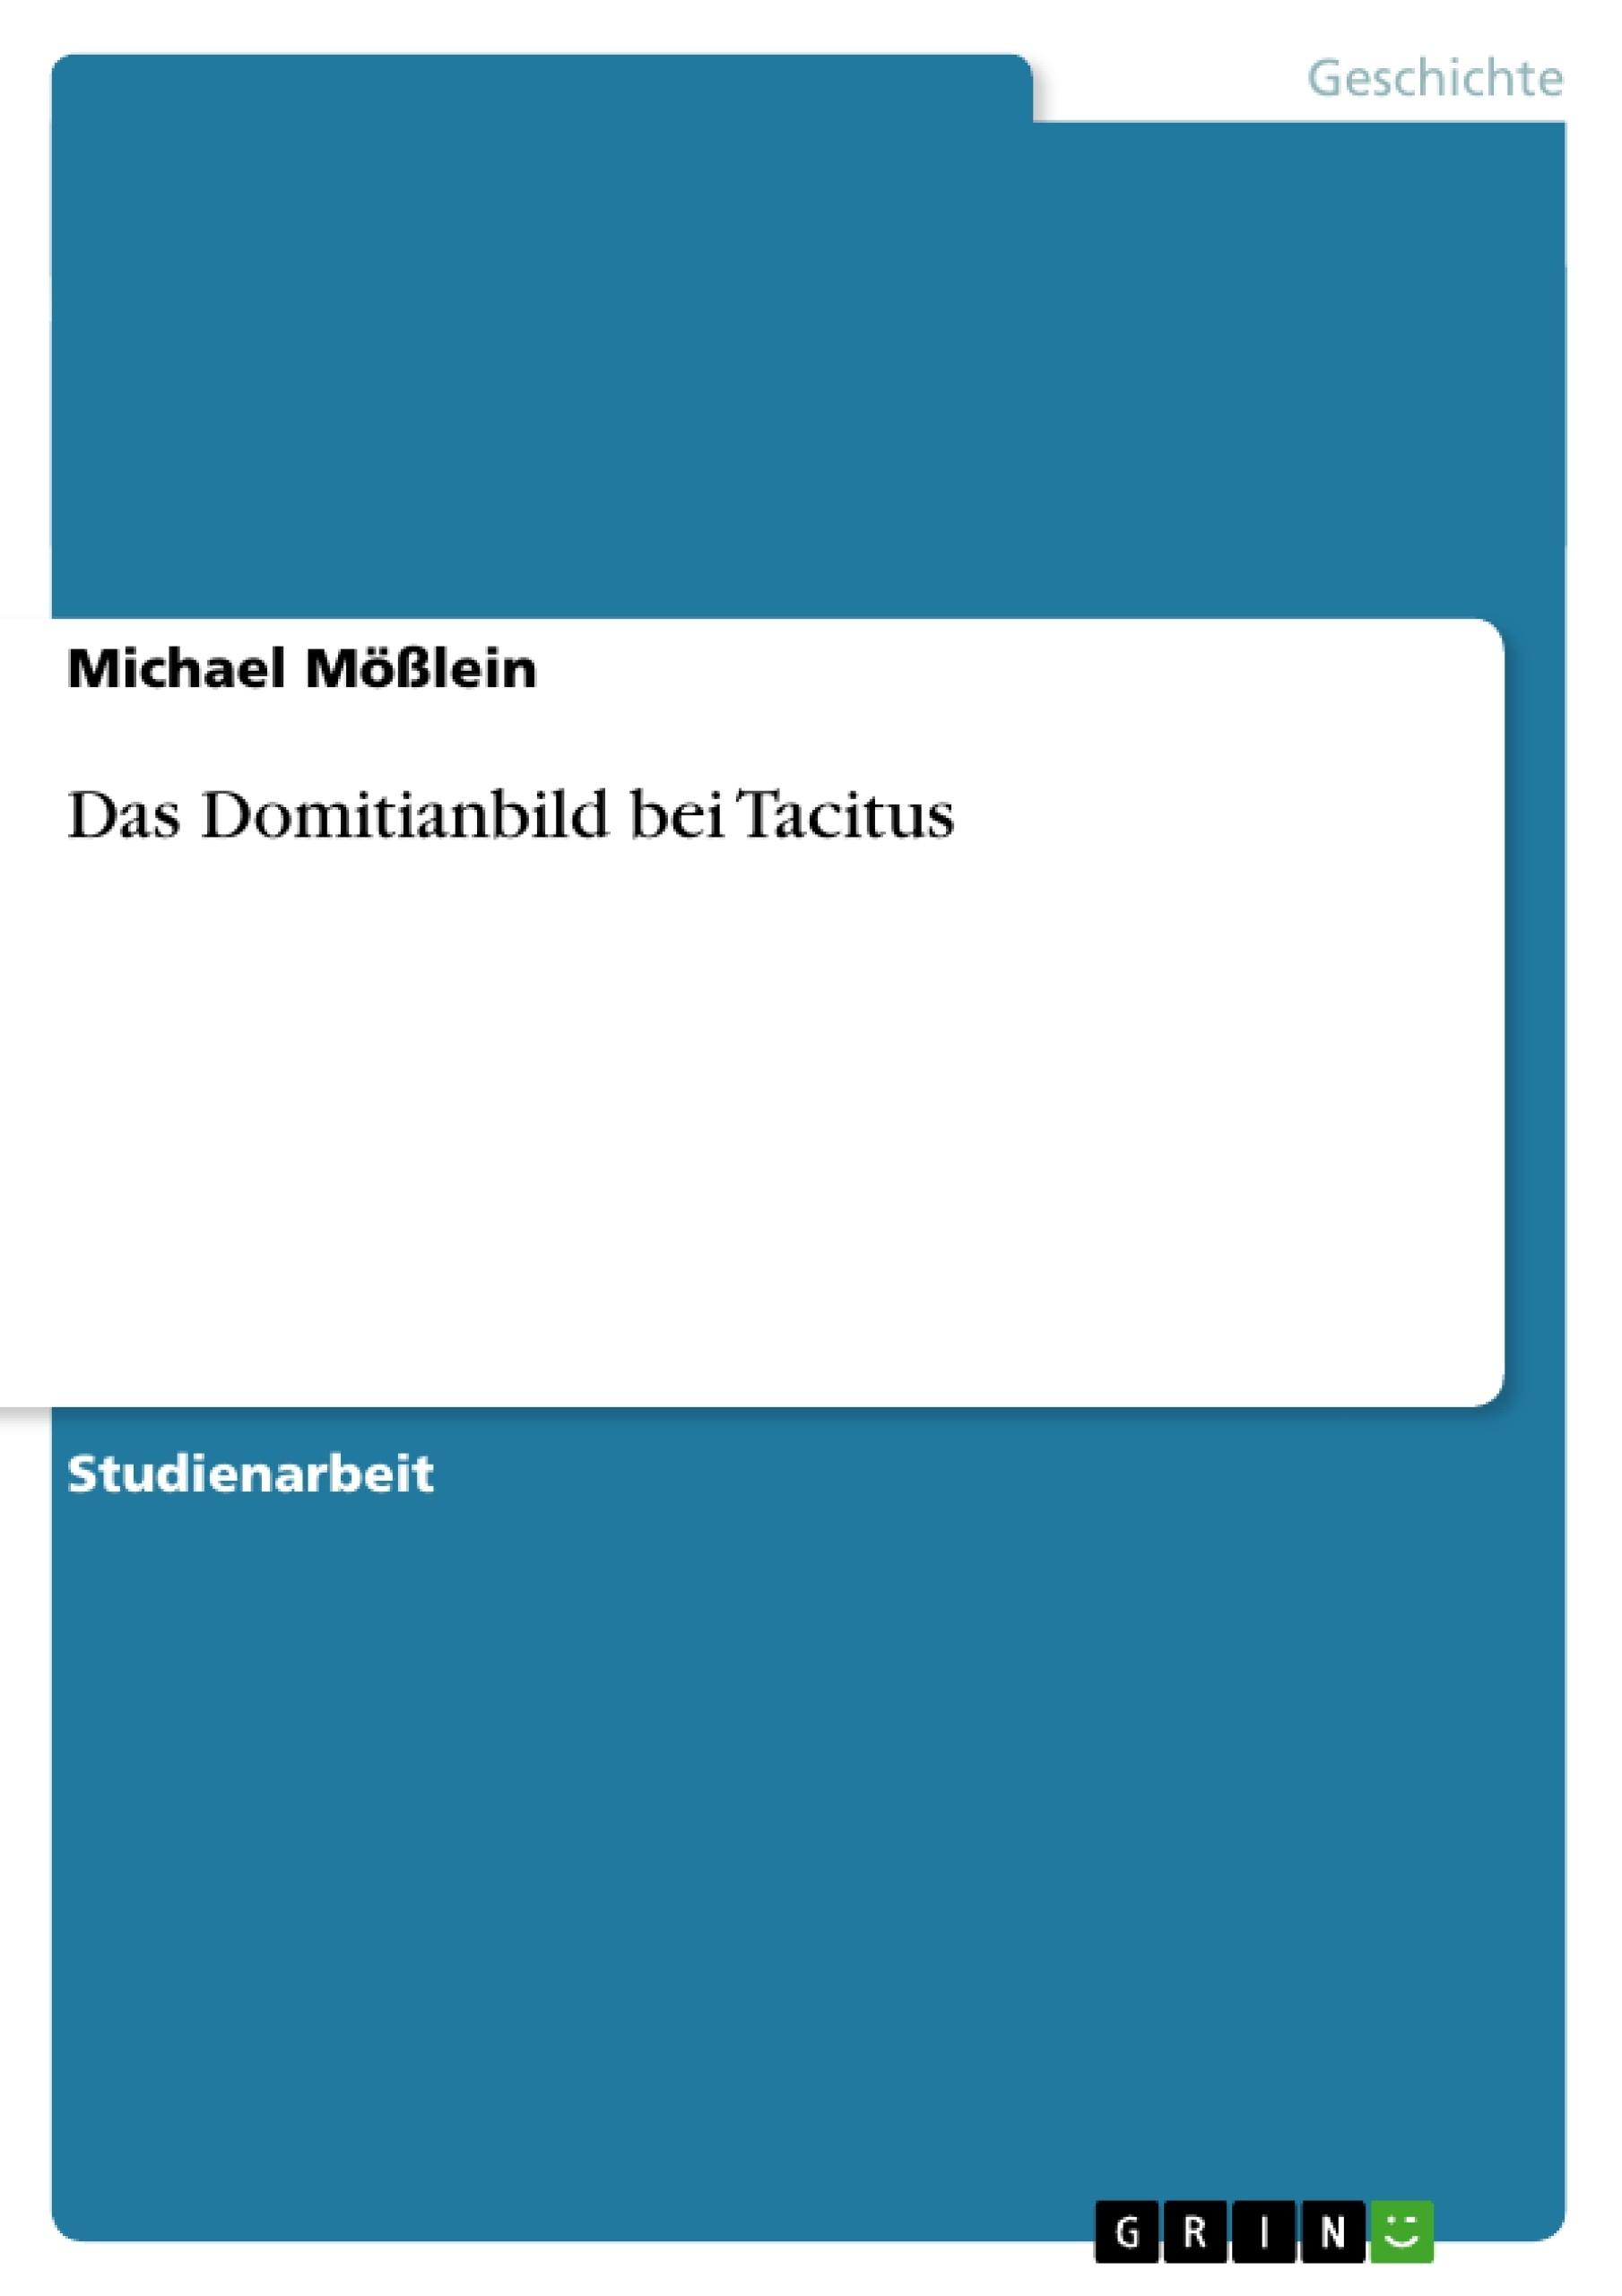 Titel: Das Domitianbild bei Tacitus